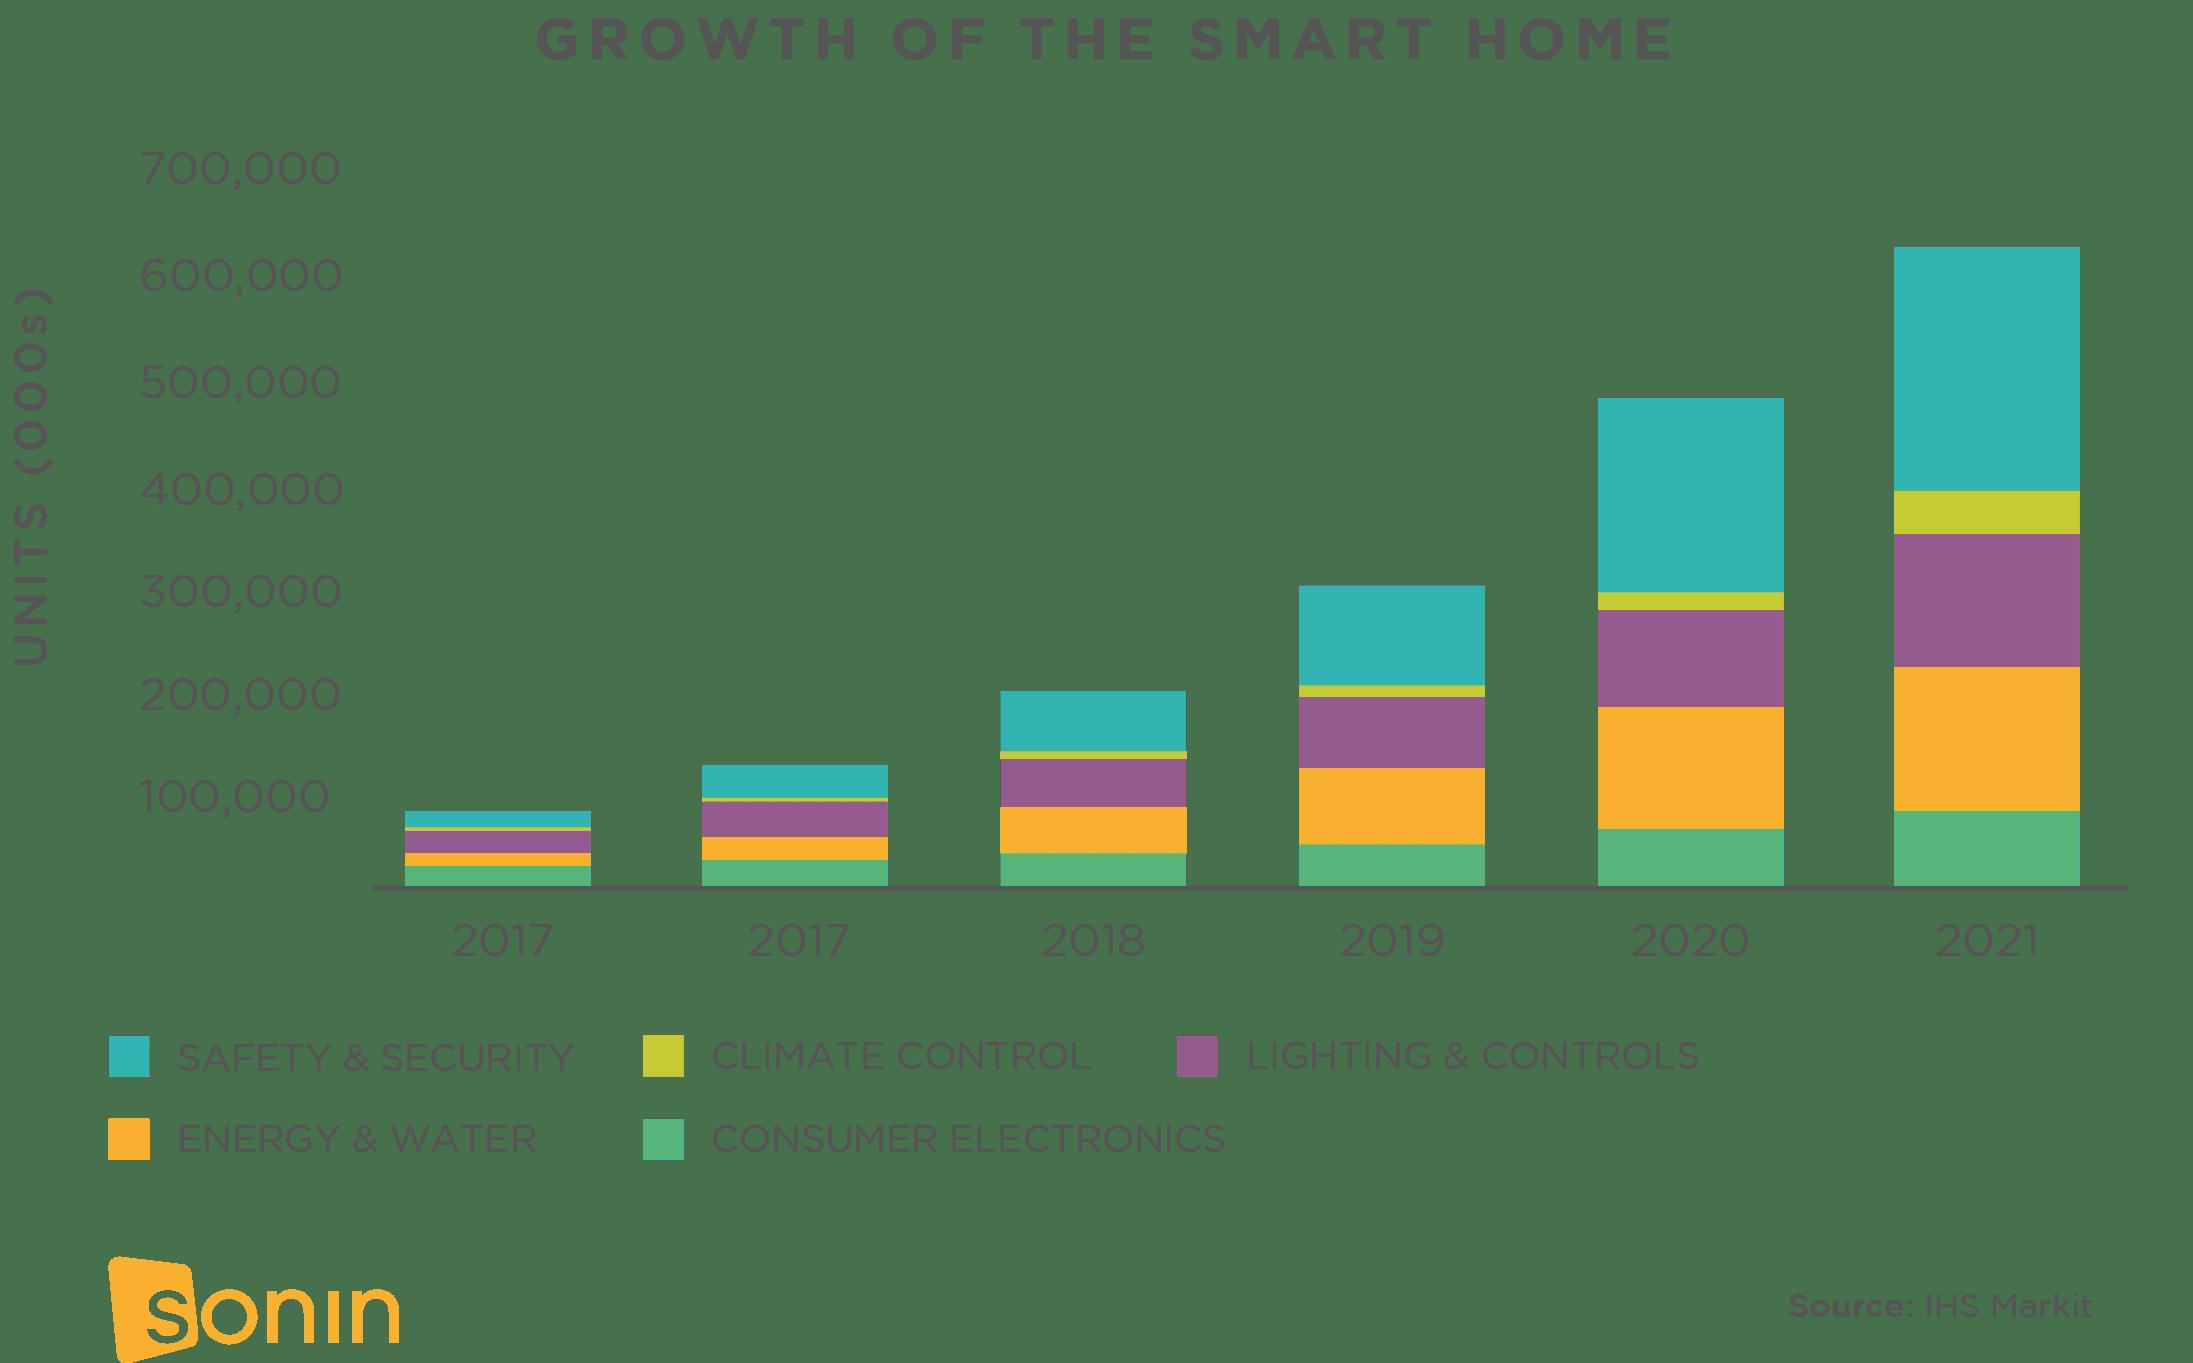 Rise of Smart Home Technology Sonin App Development